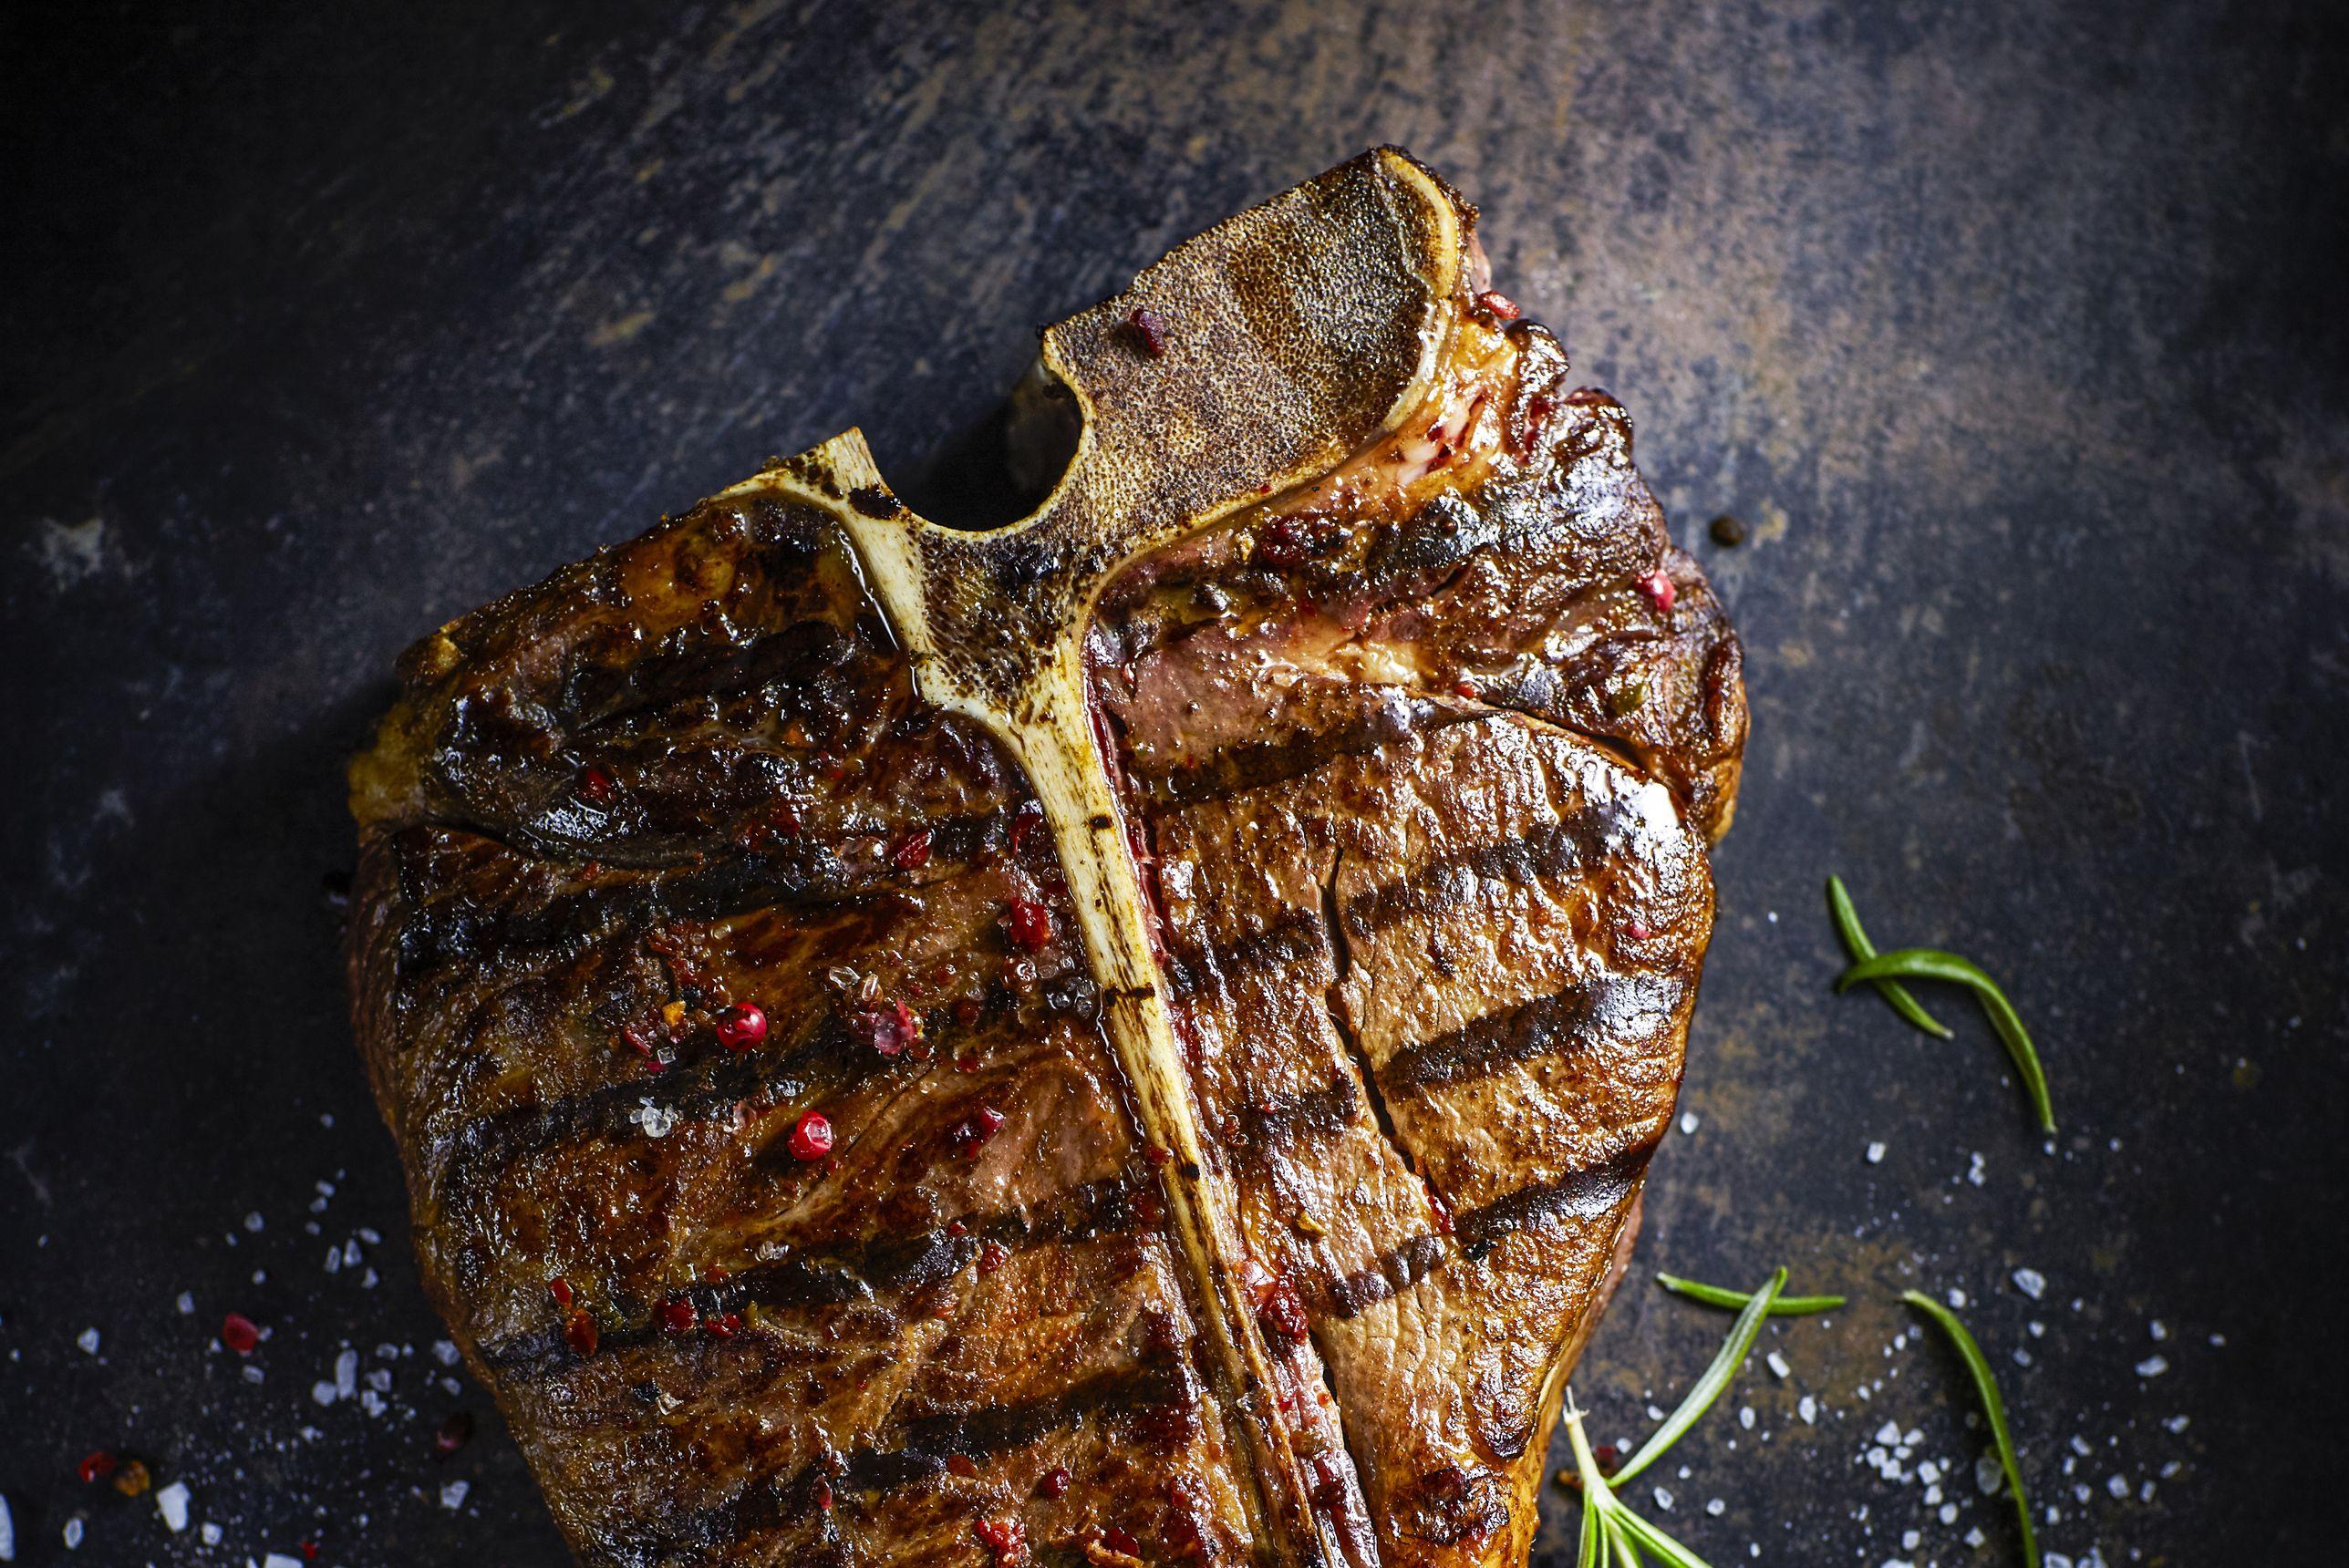 T-Bone-Steak, chili, onion, cherry tomato and rosemary